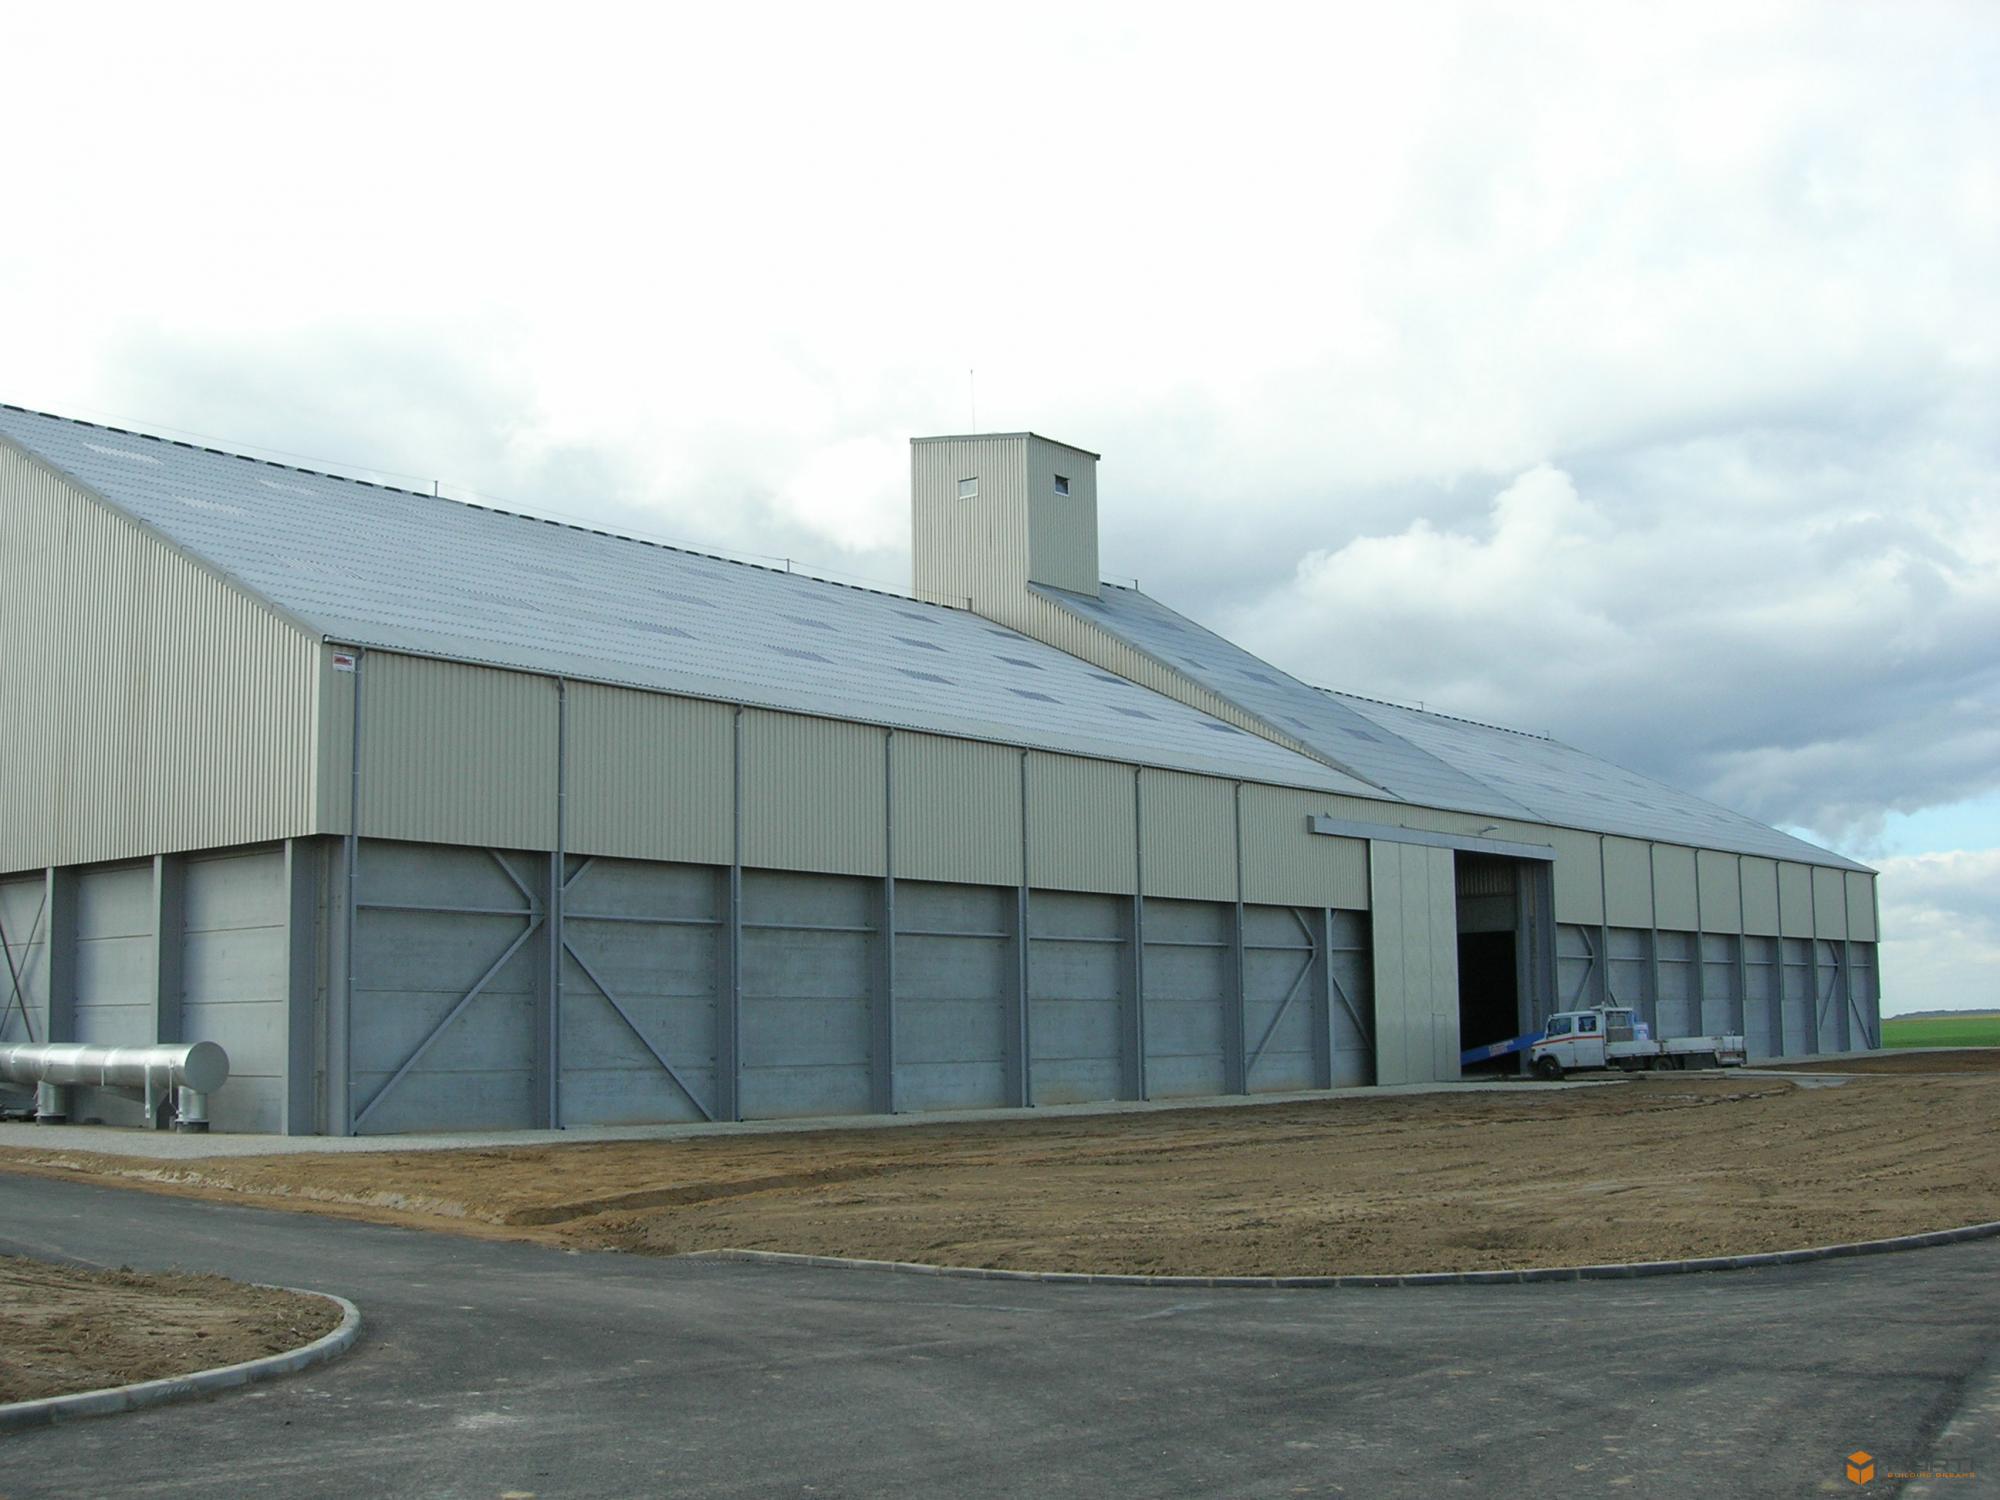 construction de hangars de stockage pour bl et fumier. Black Bedroom Furniture Sets. Home Design Ideas